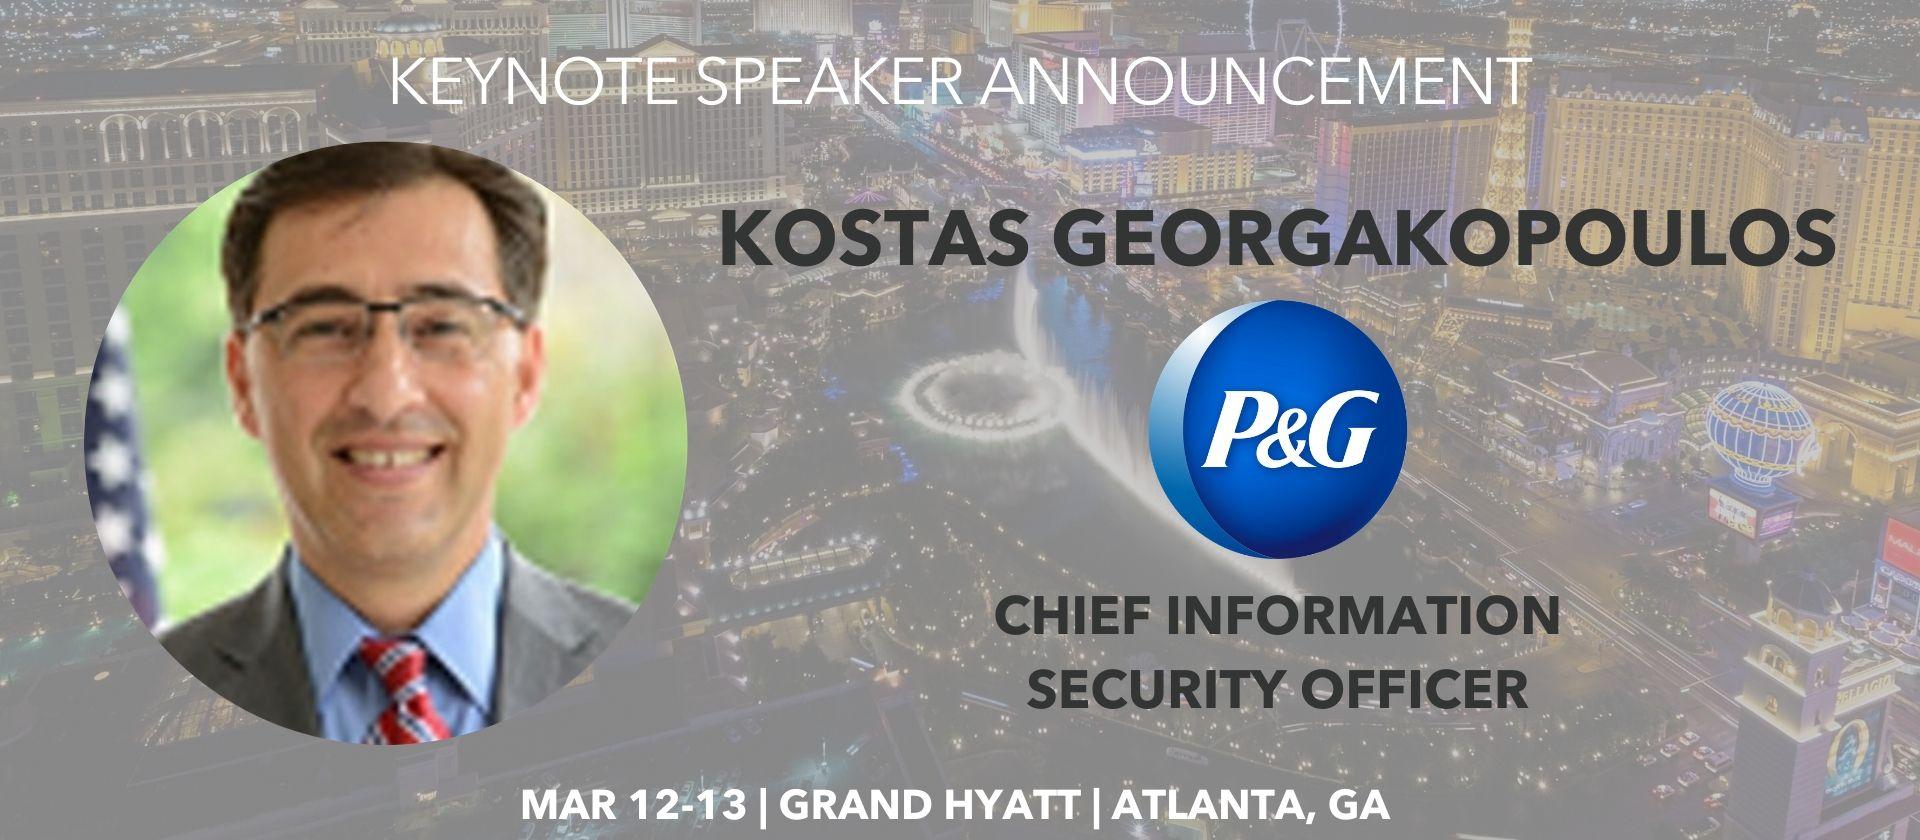 Kostas Georgakopoulos P&G CISO Keynote Speaker Announcement